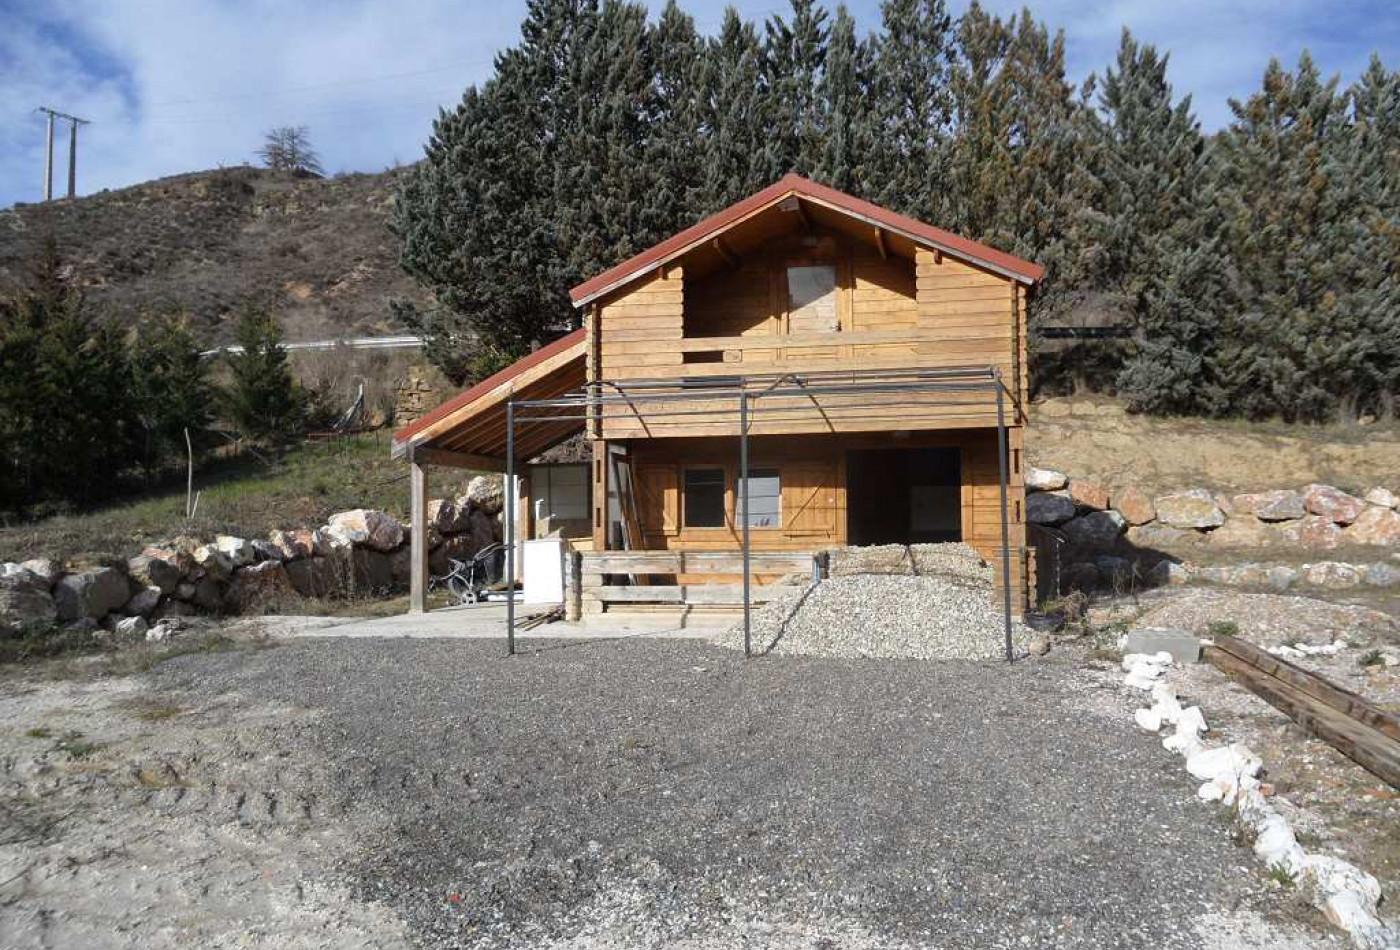 Maison en vente esperaza rf 11027135 m m immobilier for Vente bien immobilier atypique